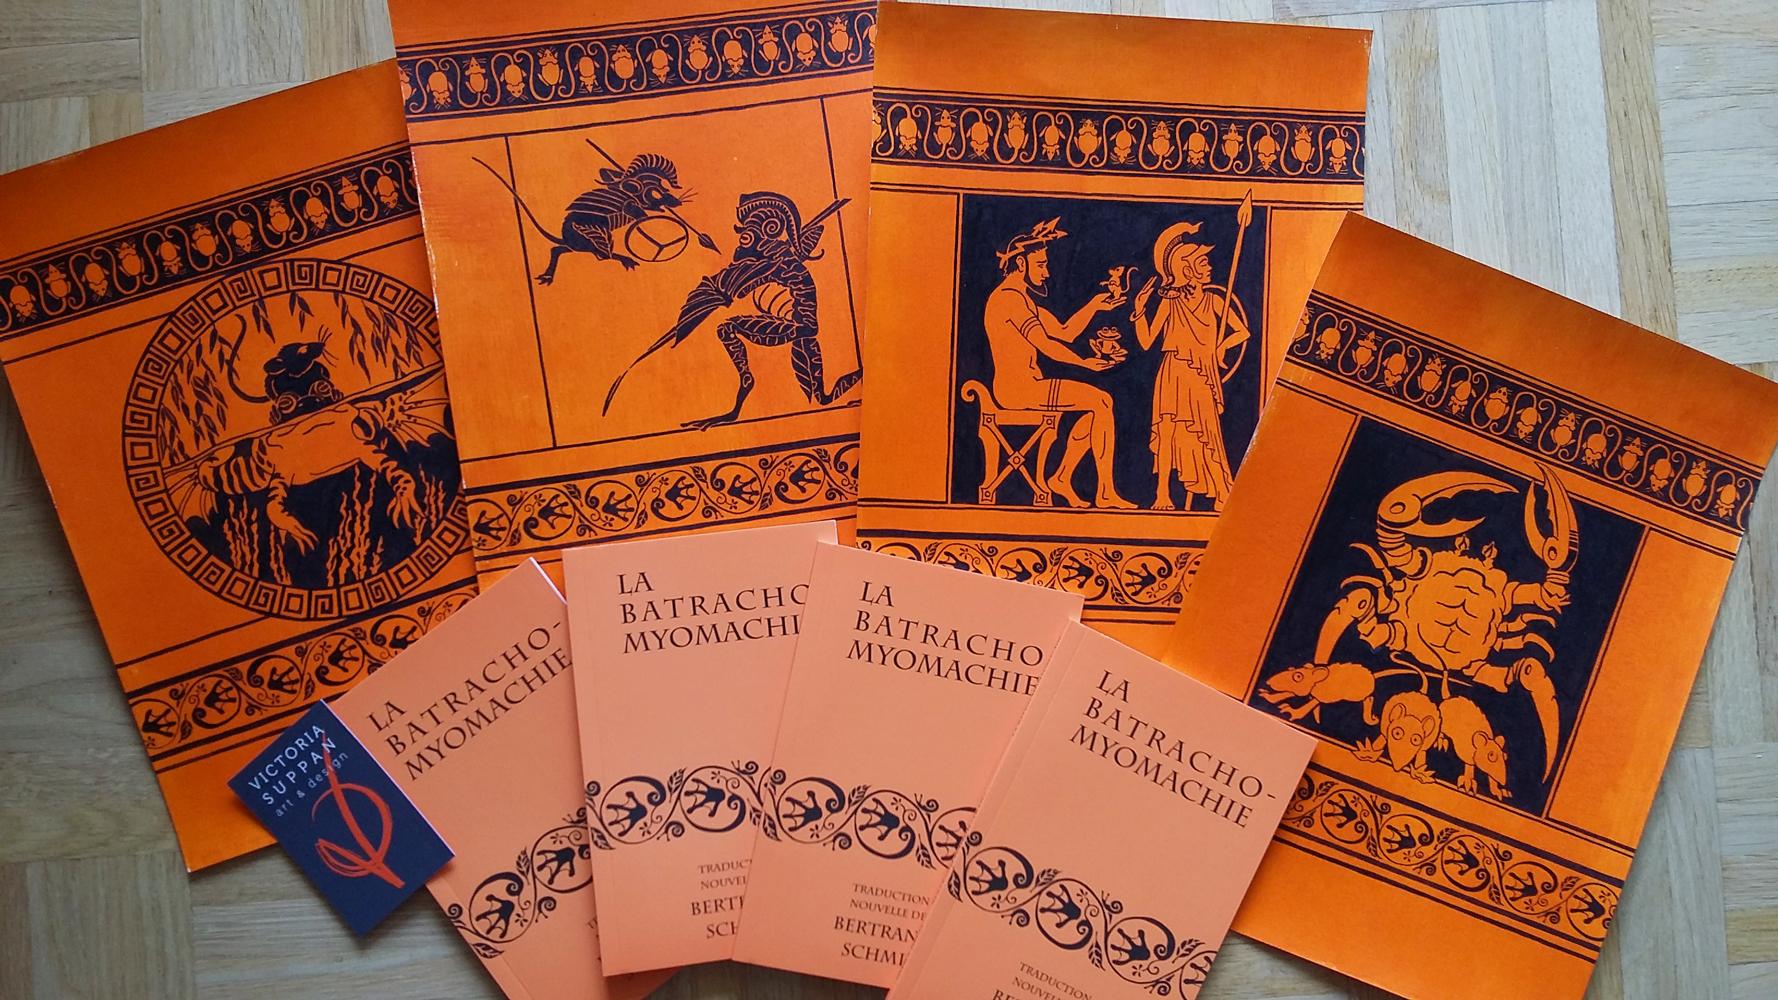 batracho-book-illustration.jpg